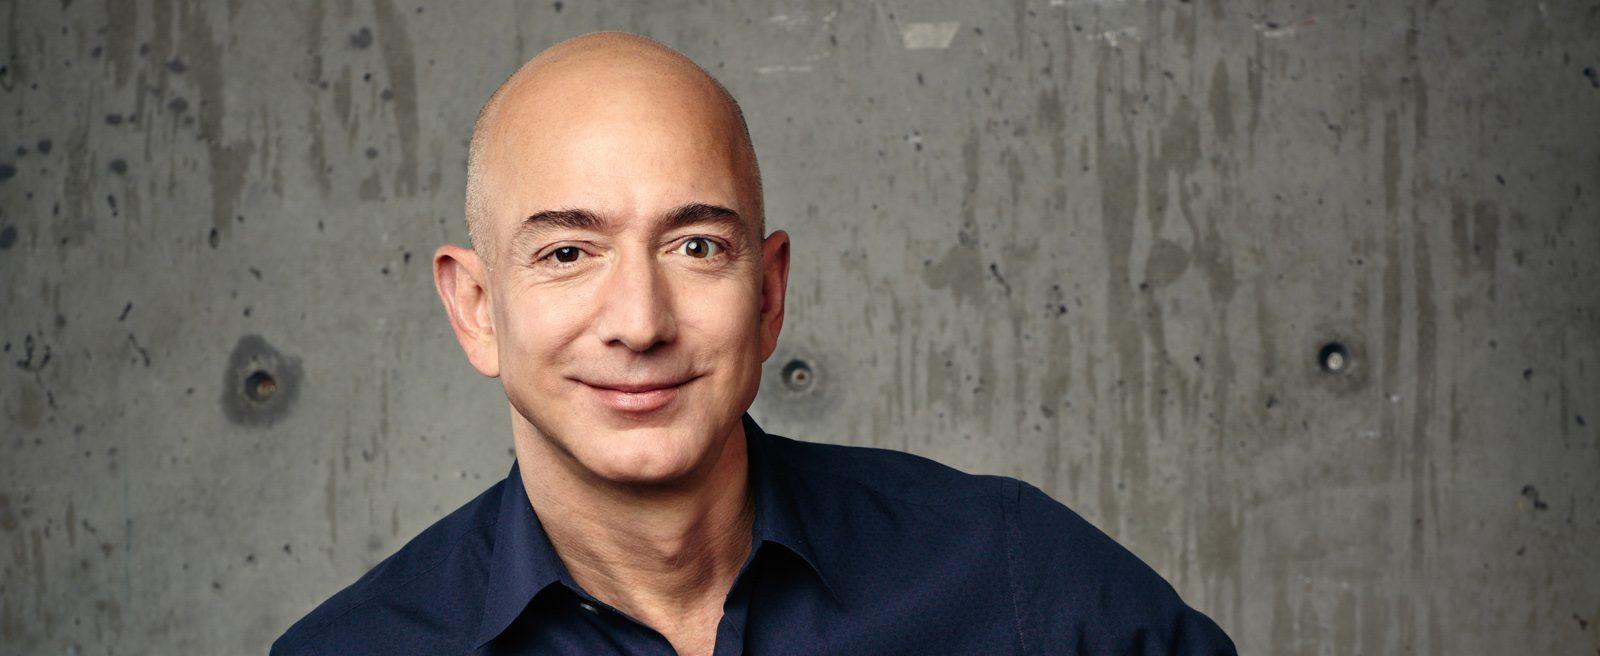 Jeff Bezos, zakladatel a výkonný ředitel společnosti Amazon